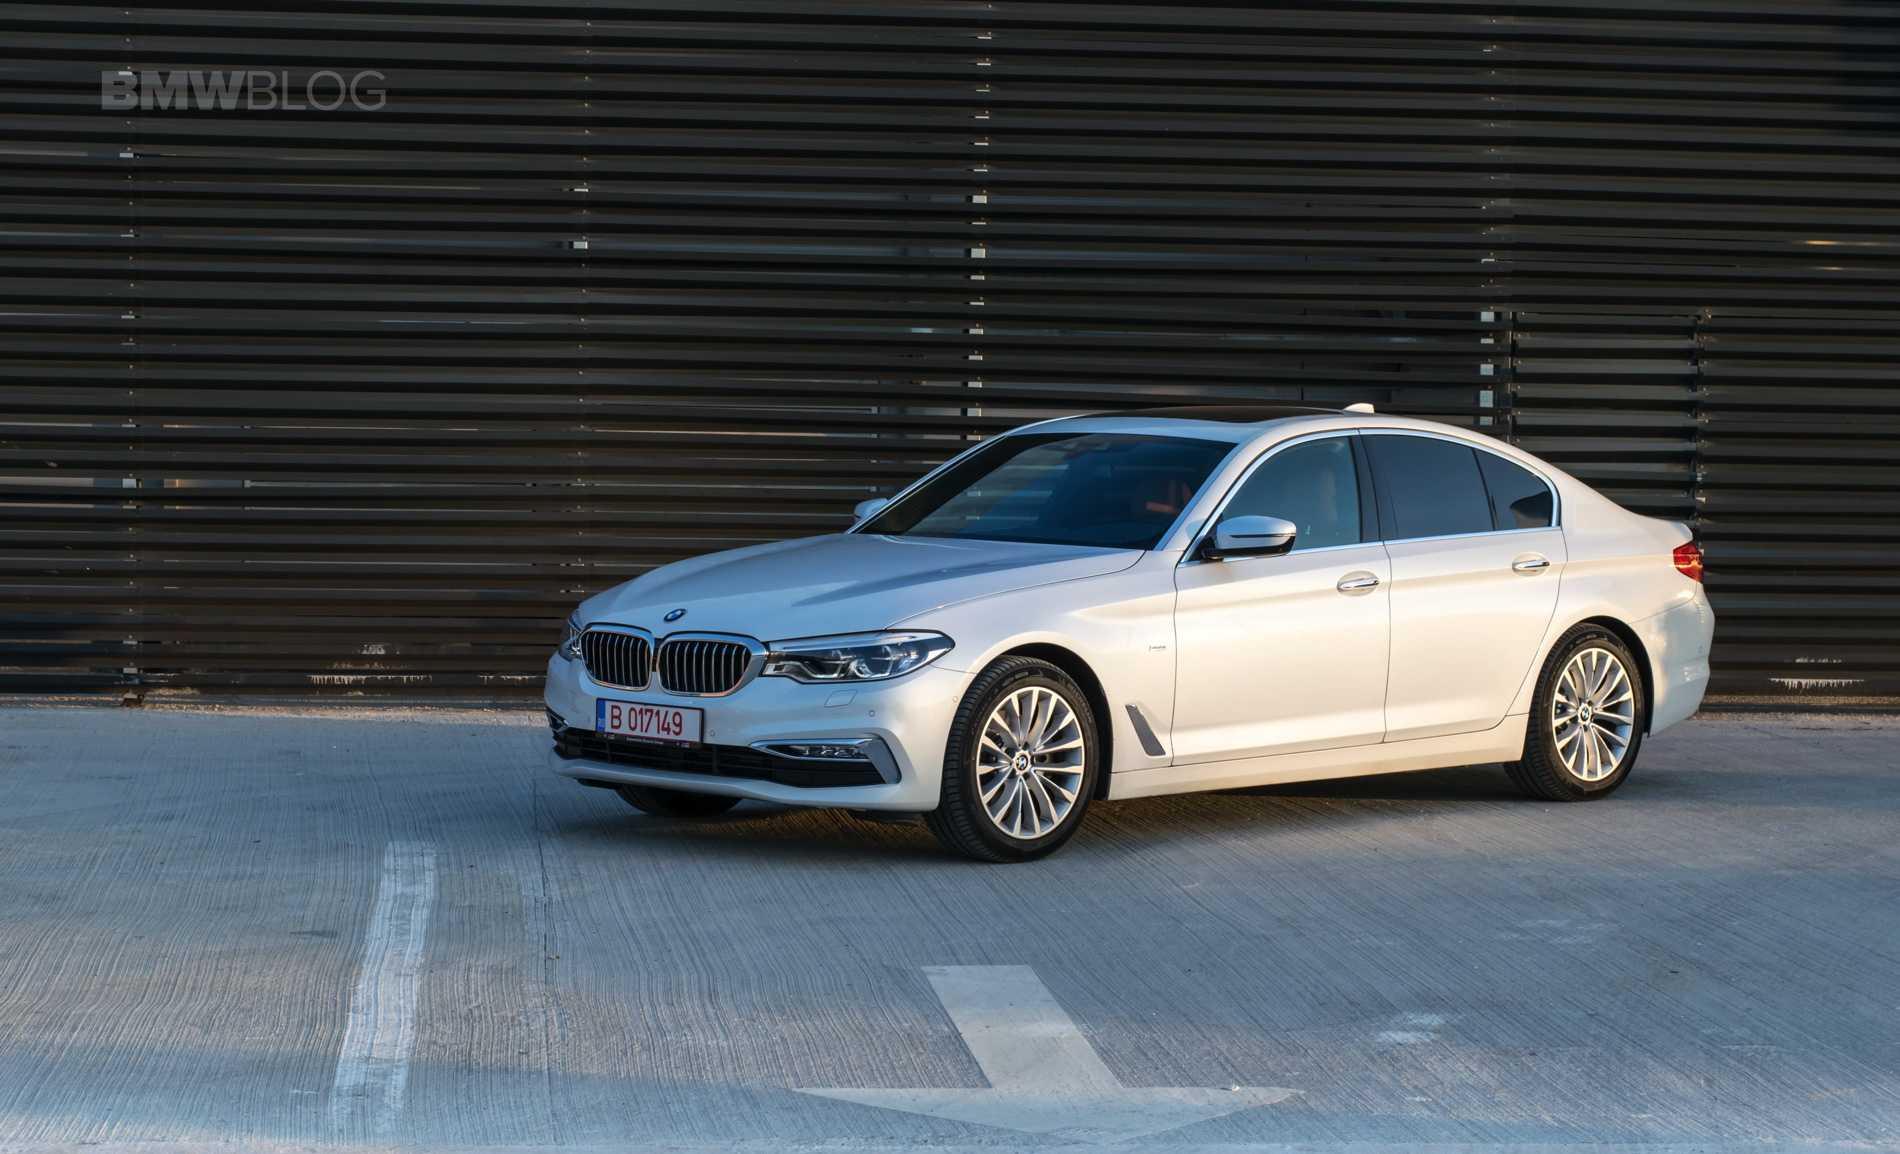 TEST DRIVE: 2017 BMW 520d Efficient Dynamics